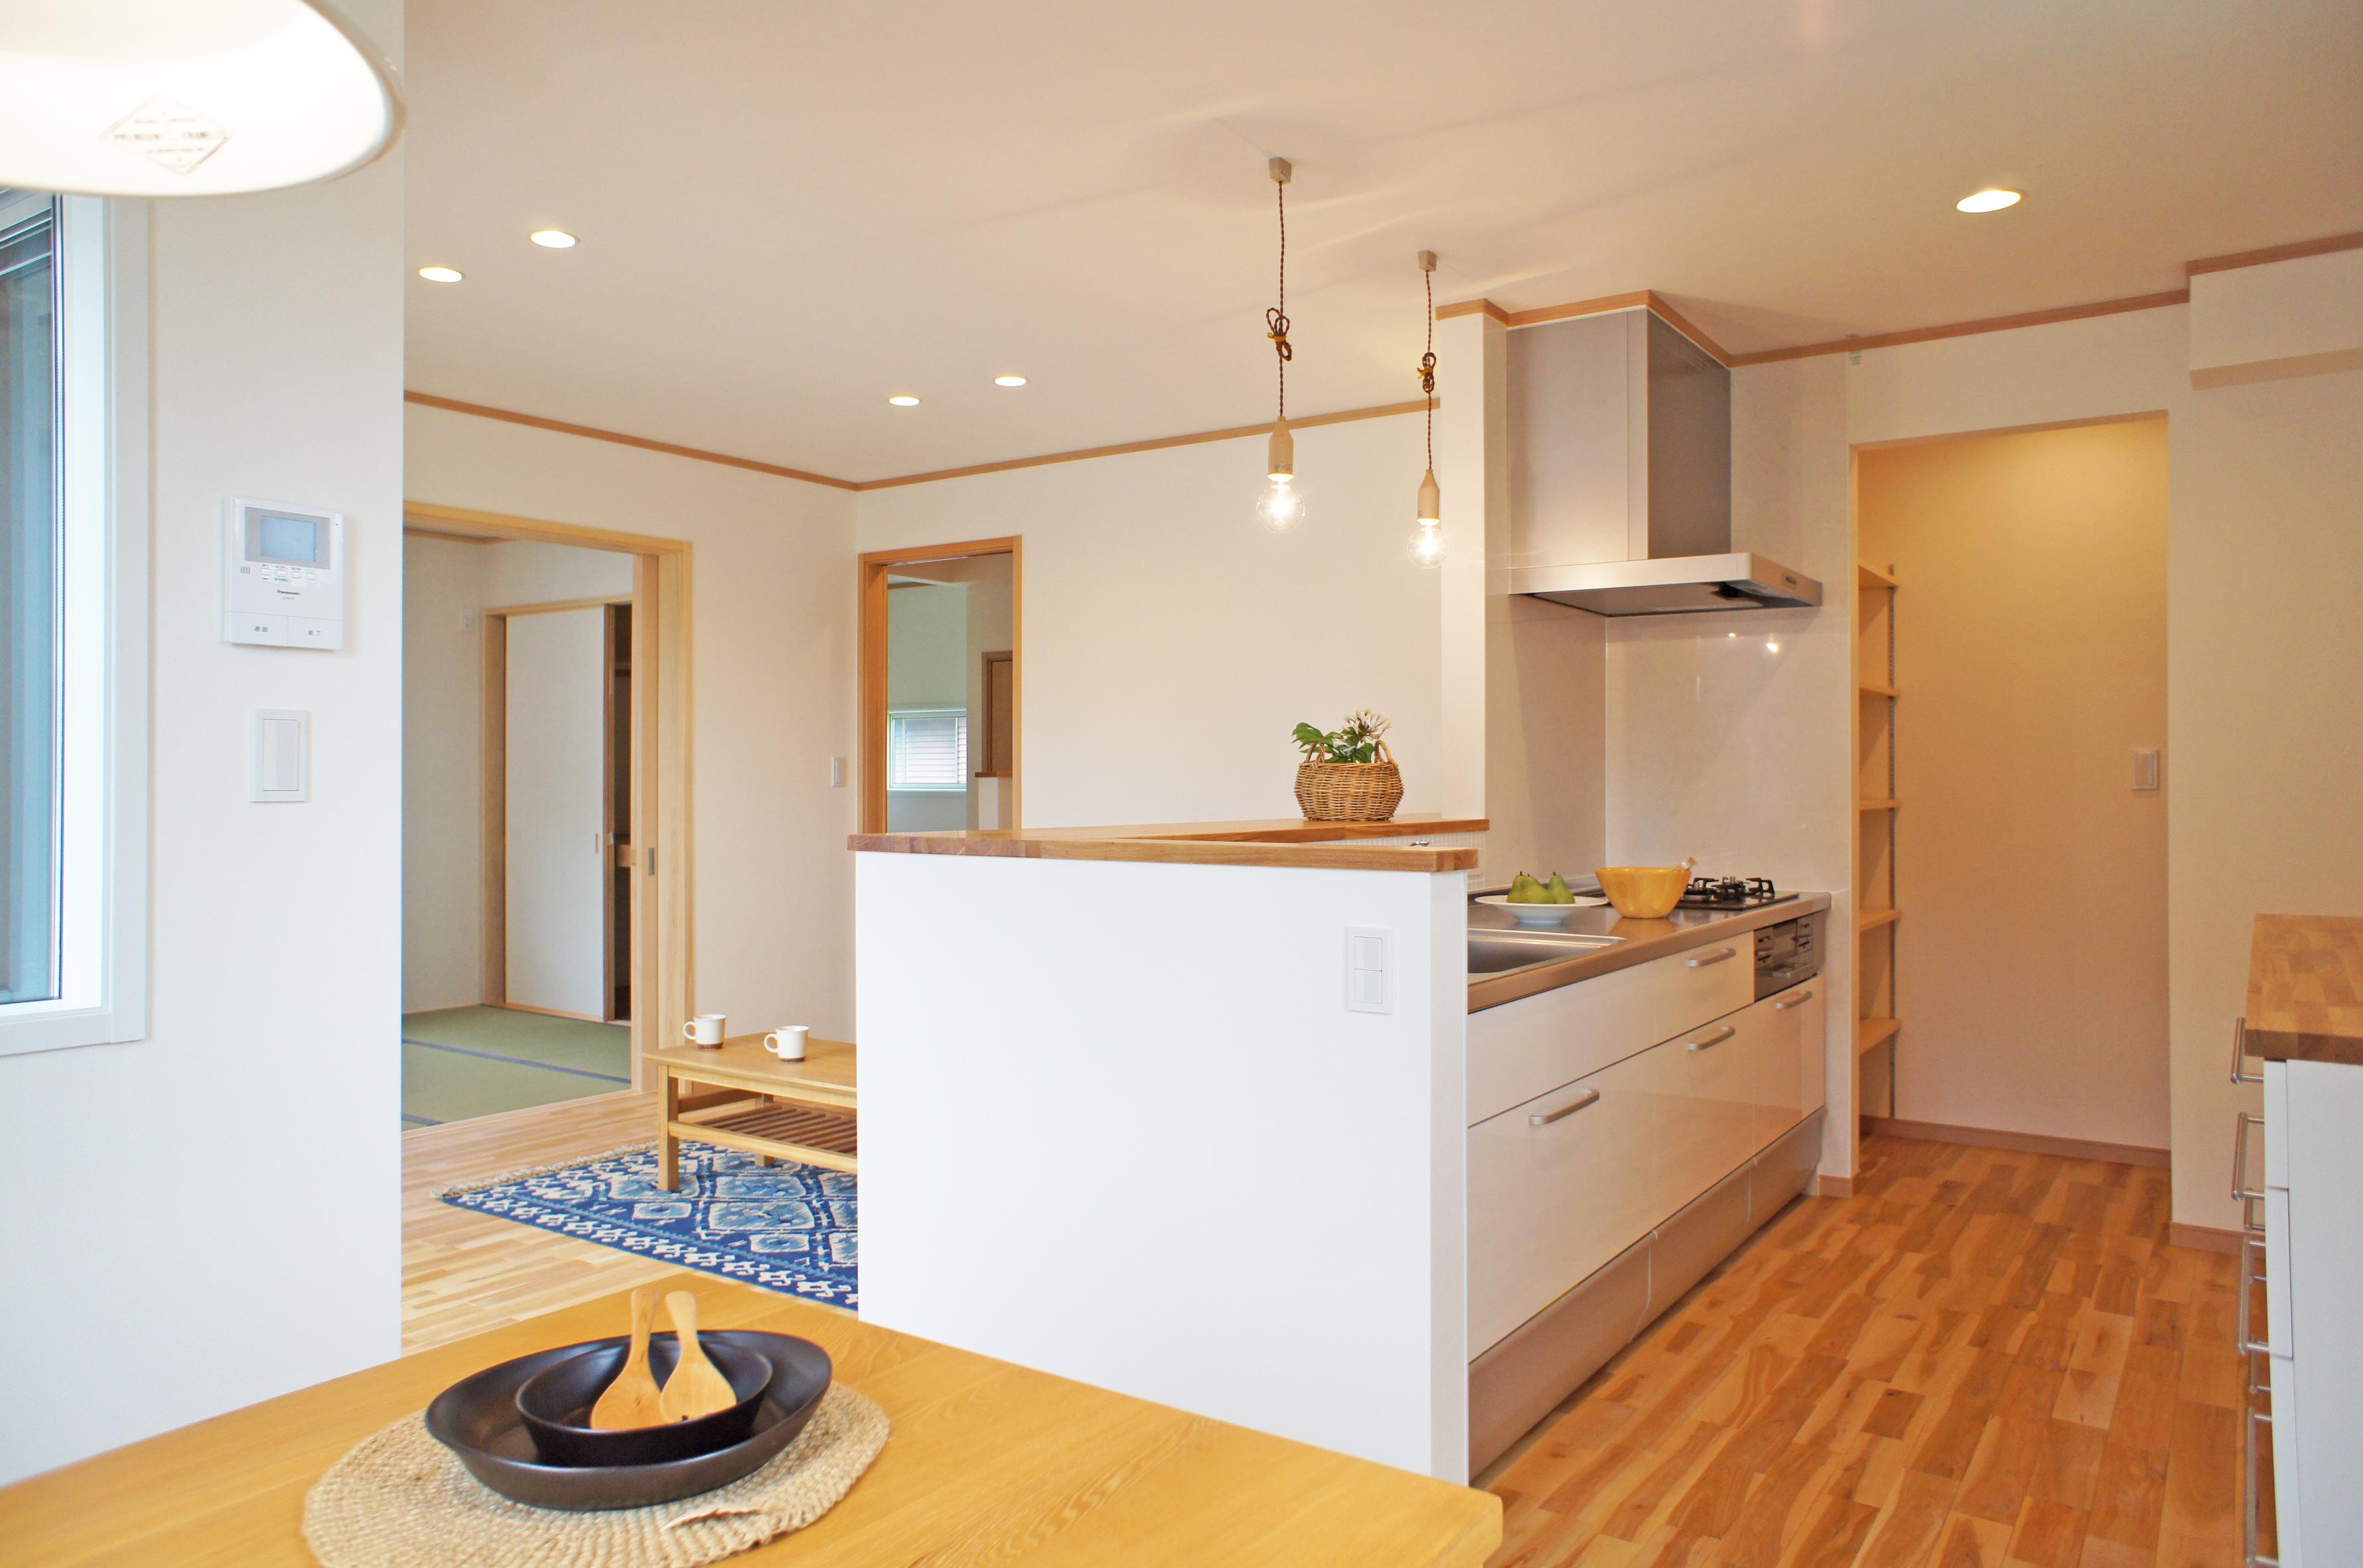 家族みんながお気に入り。無垢の木の床やオリジナル家具のある家